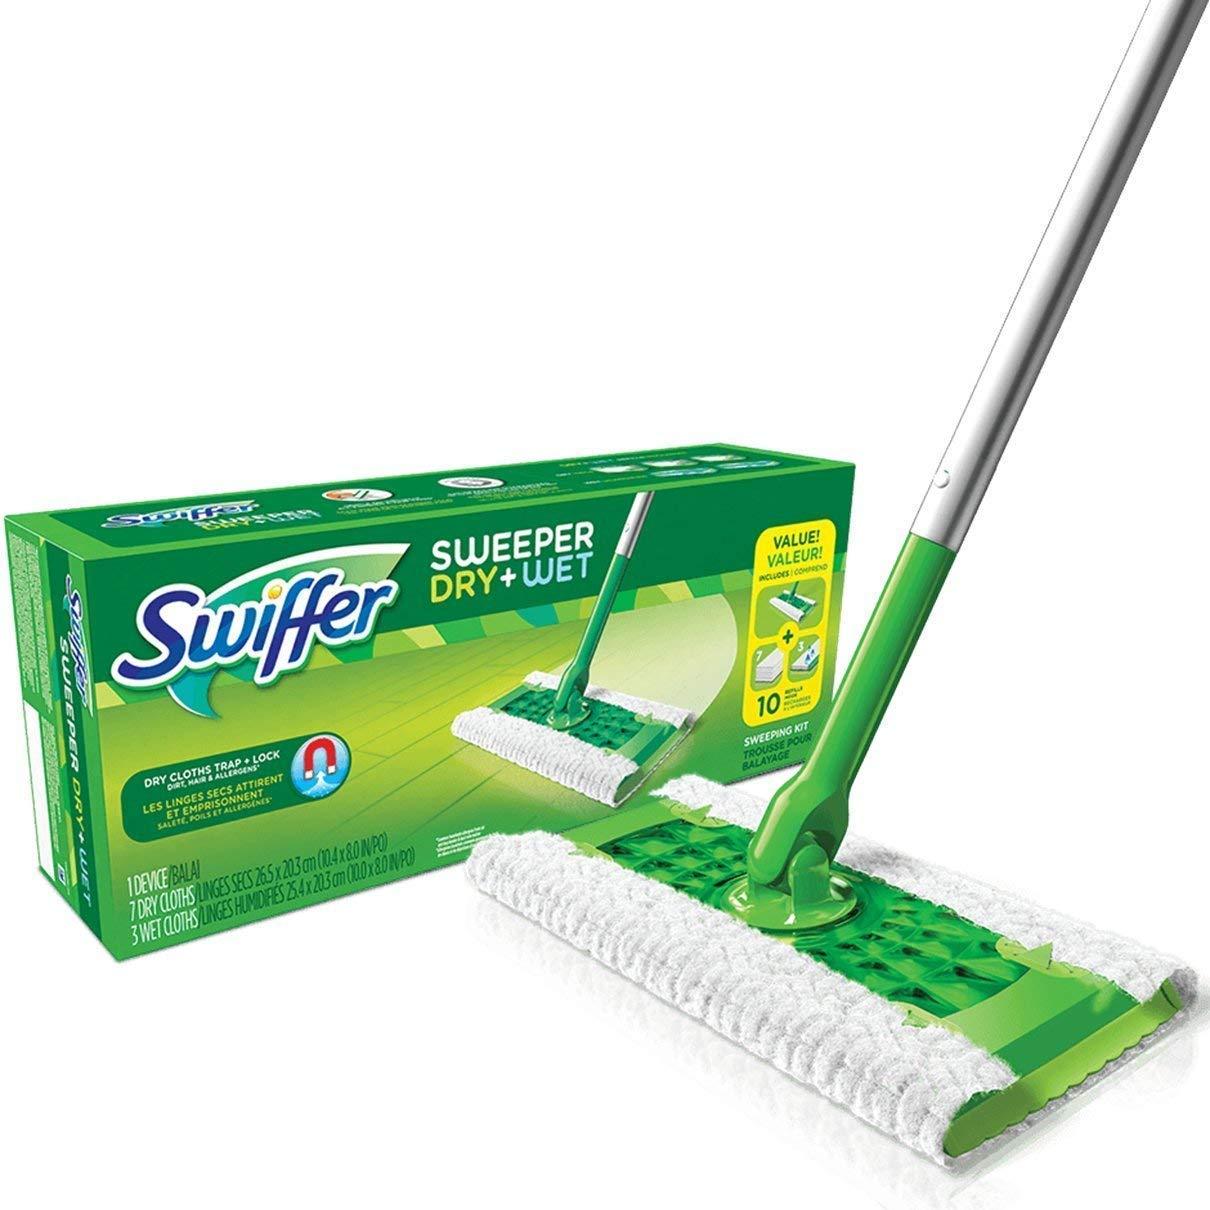 Sweeper Dry And Wet S wiffer Starter Kit Floor Mop Starter Kit